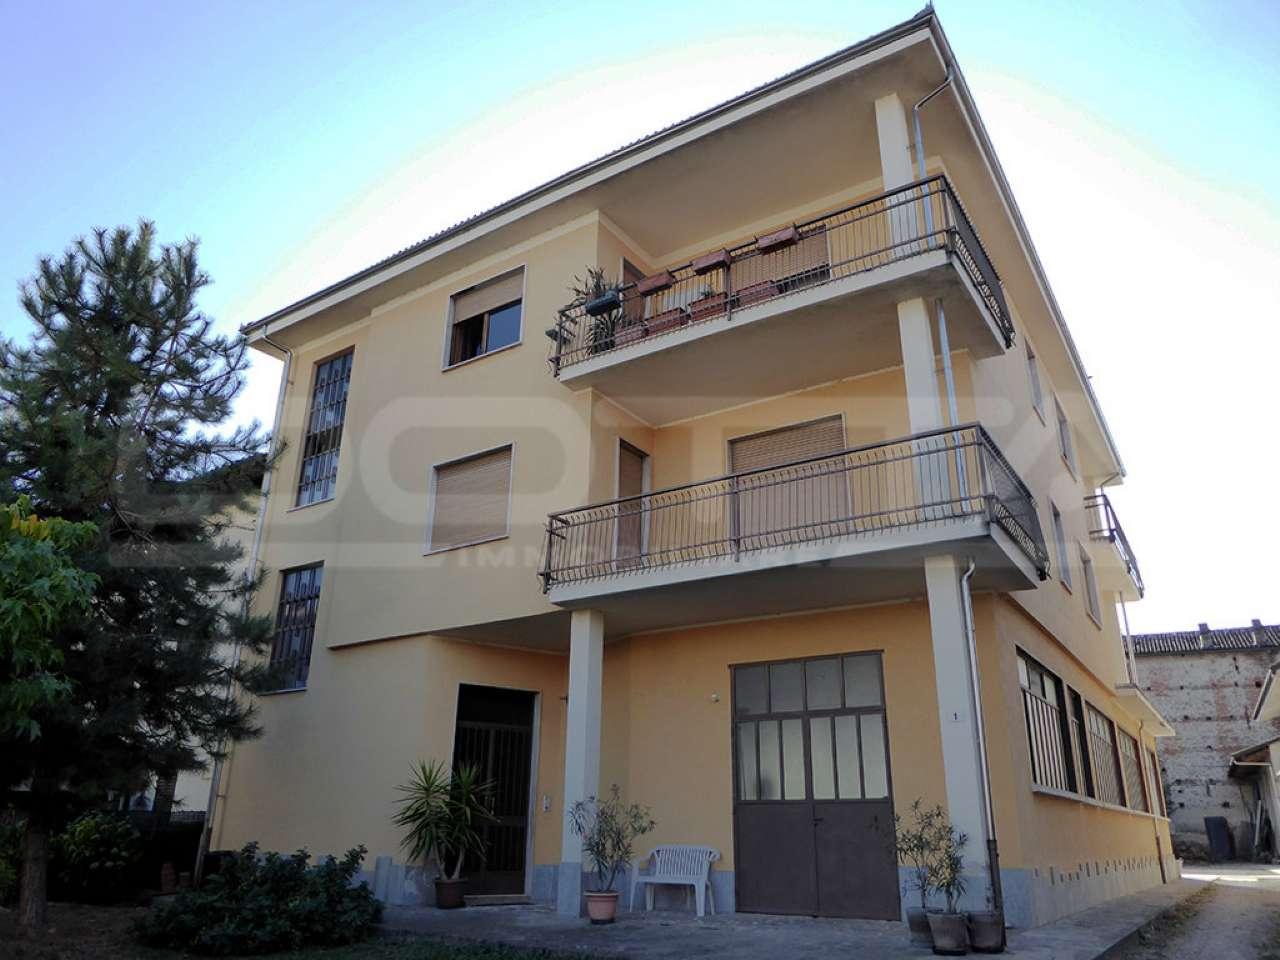 Soluzione Indipendente in vendita a Farigliano, 12 locali, prezzo € 395.000 | PortaleAgenzieImmobiliari.it